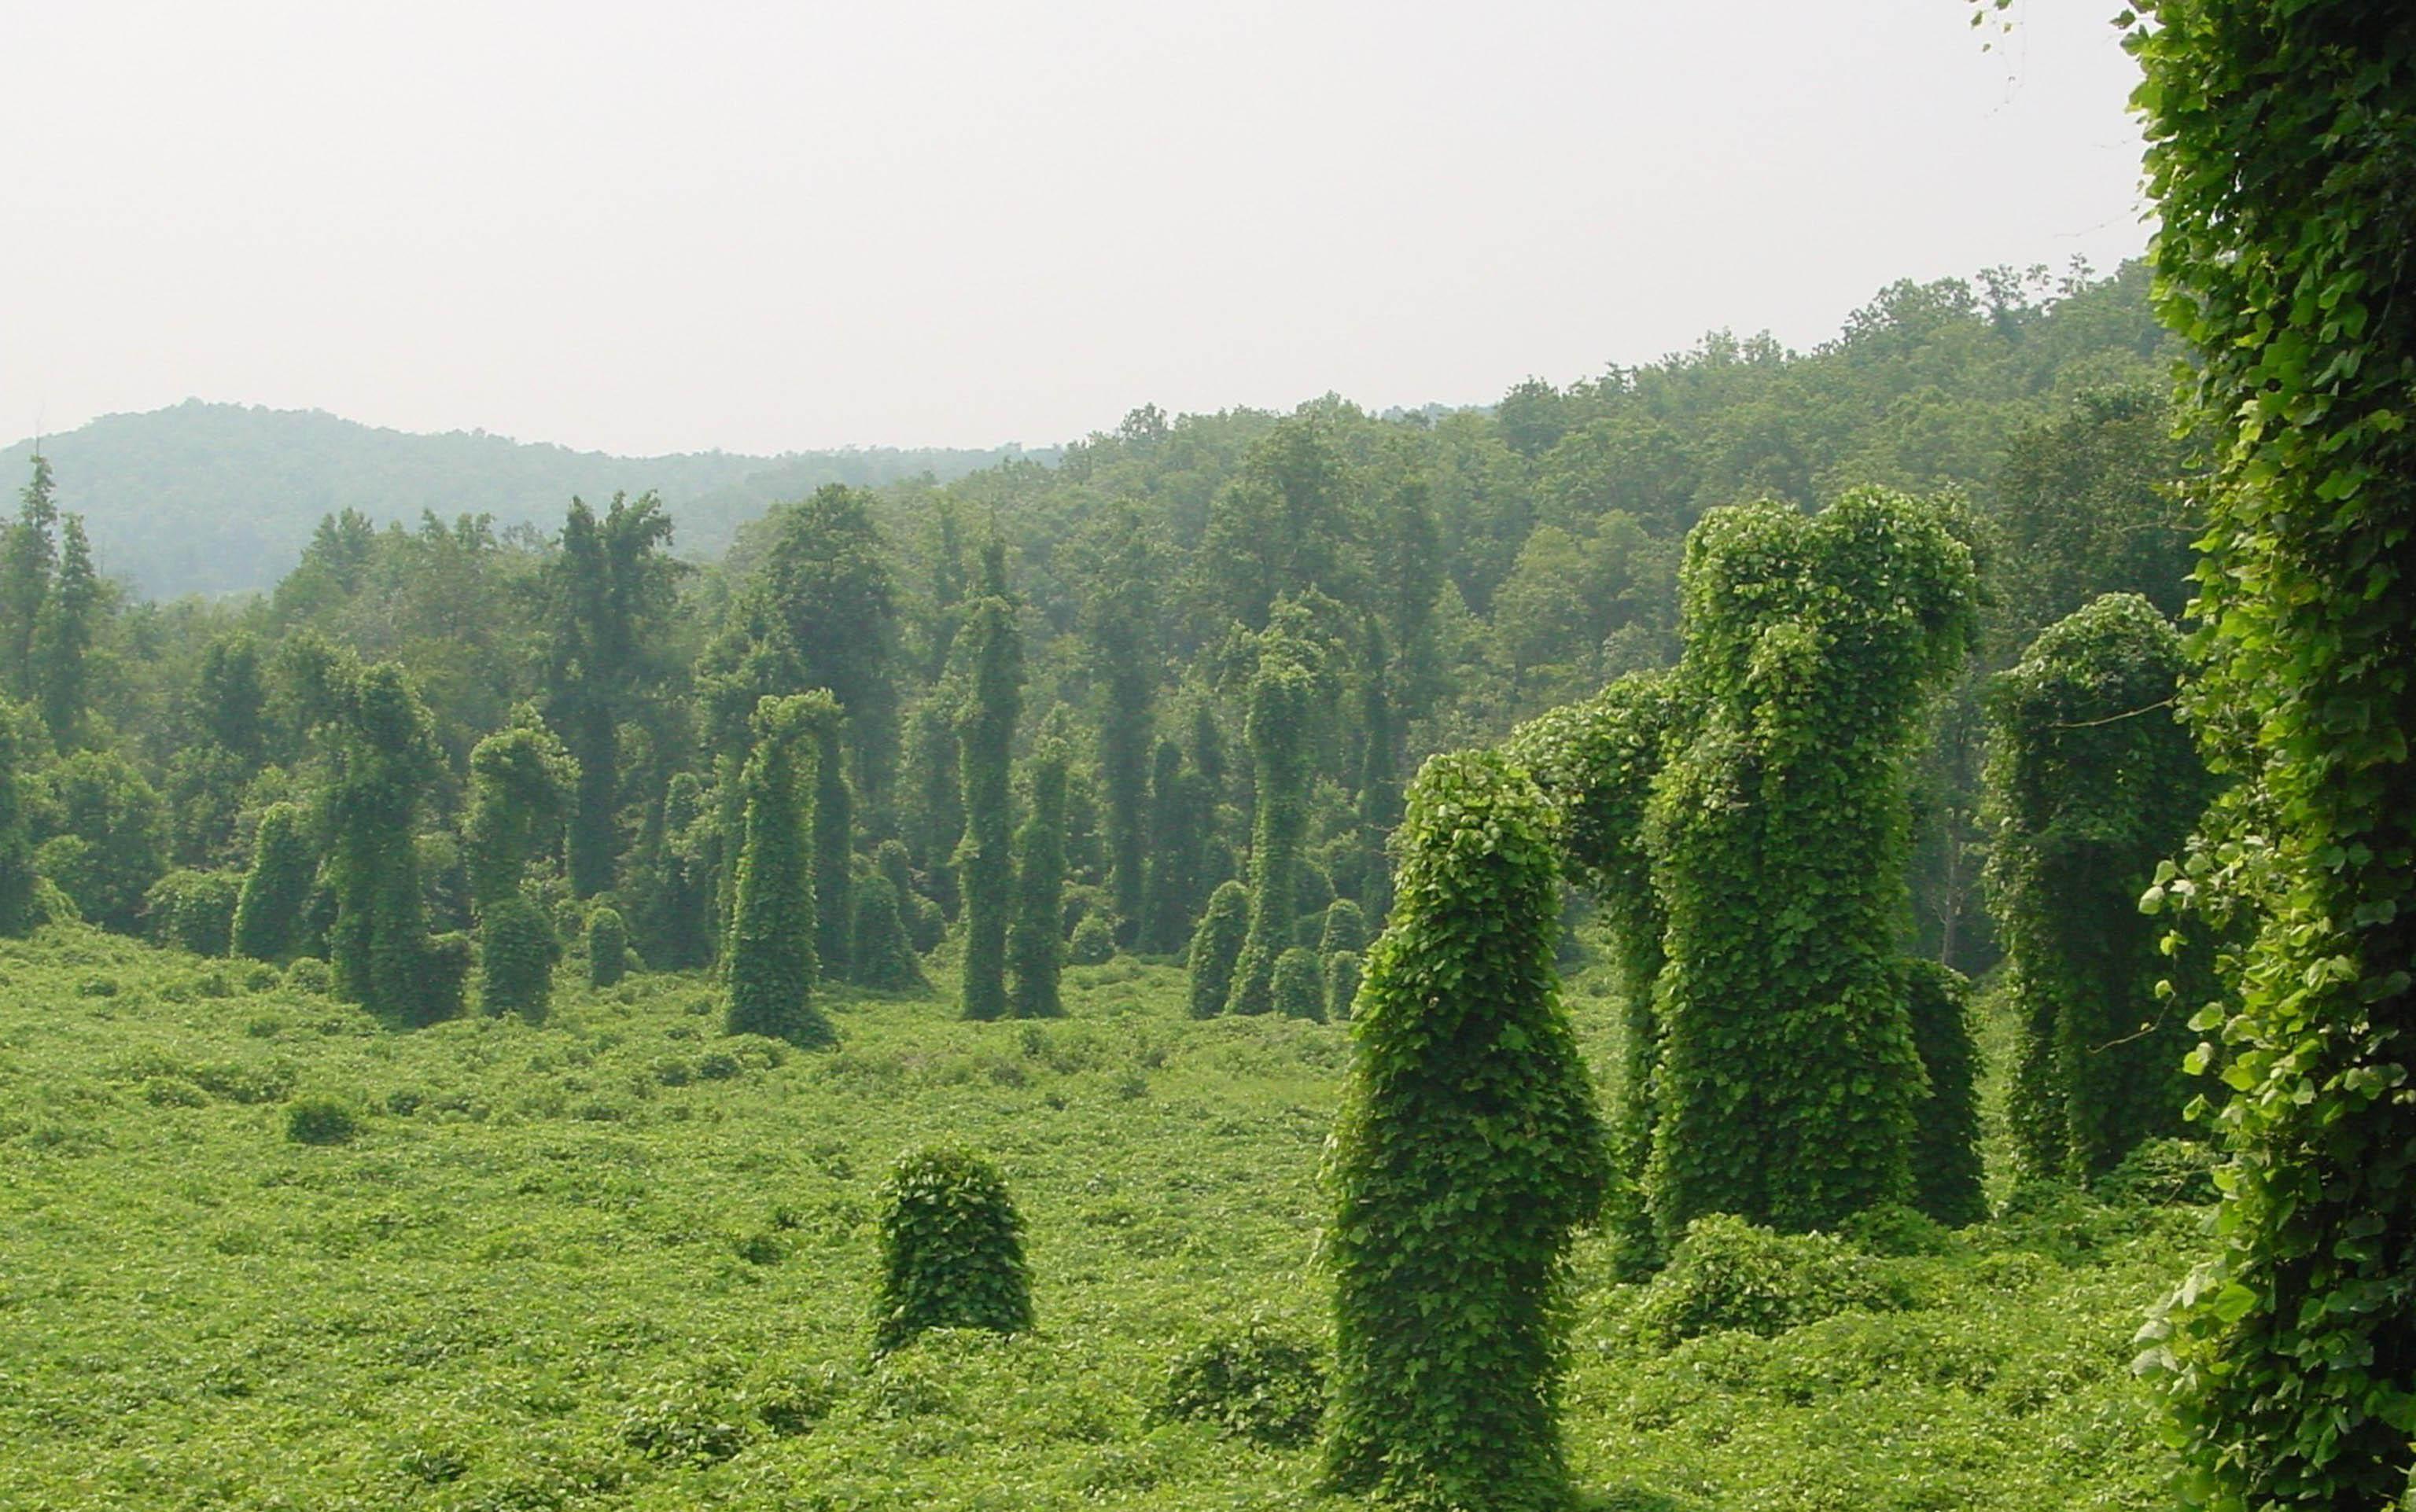 Kudzu covered forest